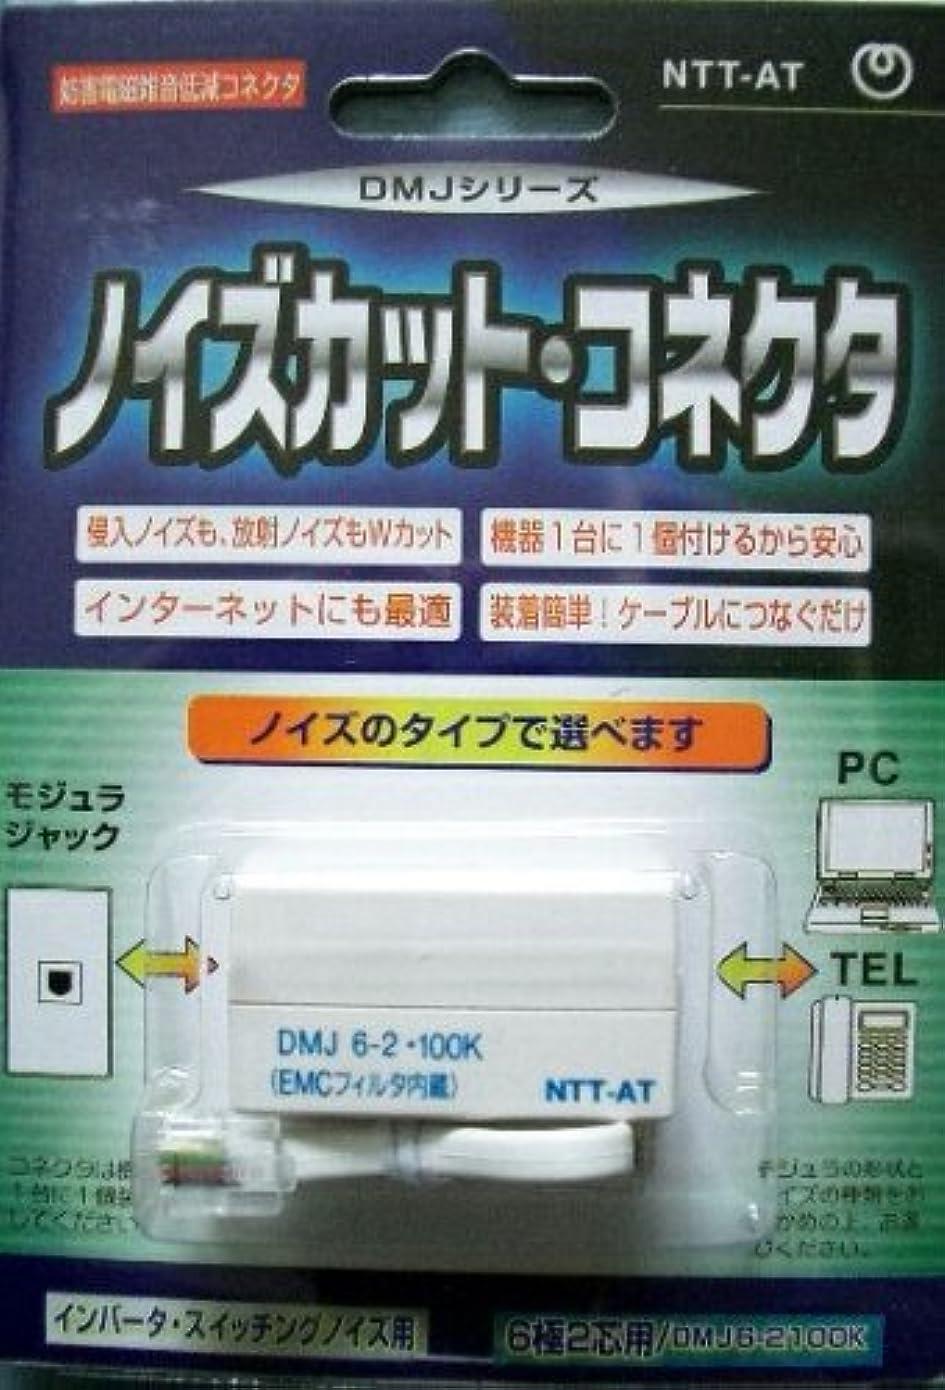 頼む同種の宗教的なコトヴェール ノイズカットコネクタ 6極2芯用インバータ?スイッチングノイズ用 バイオレット DMJ6-2 100K(V)